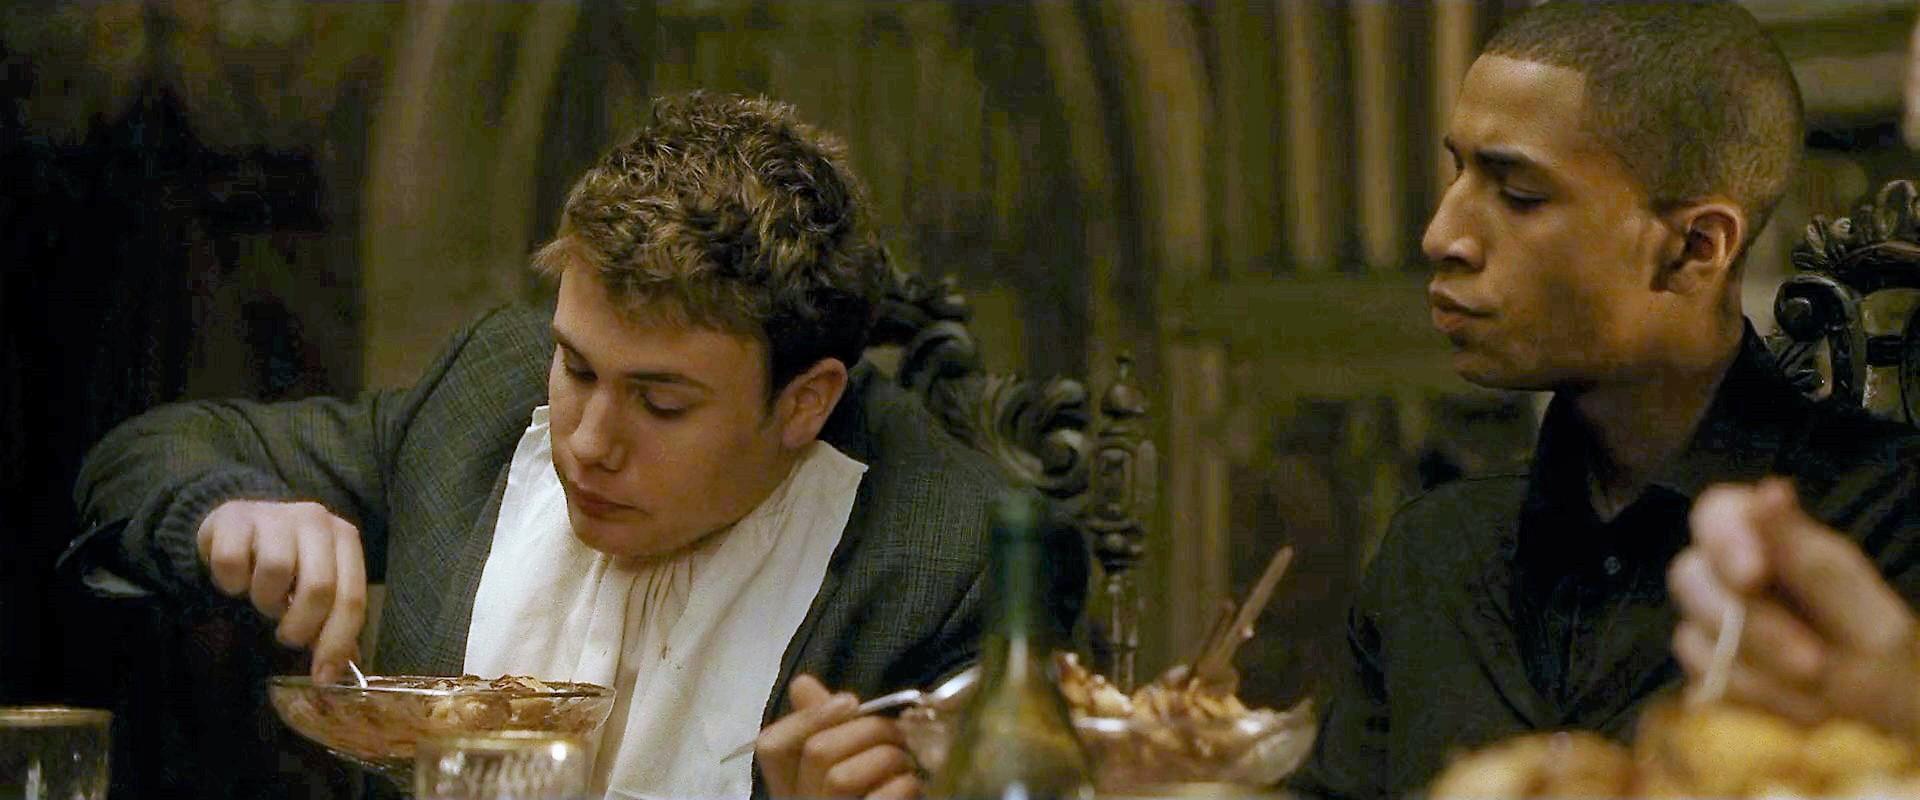 Harry-potter-half-blood-slug club dinner.jpg